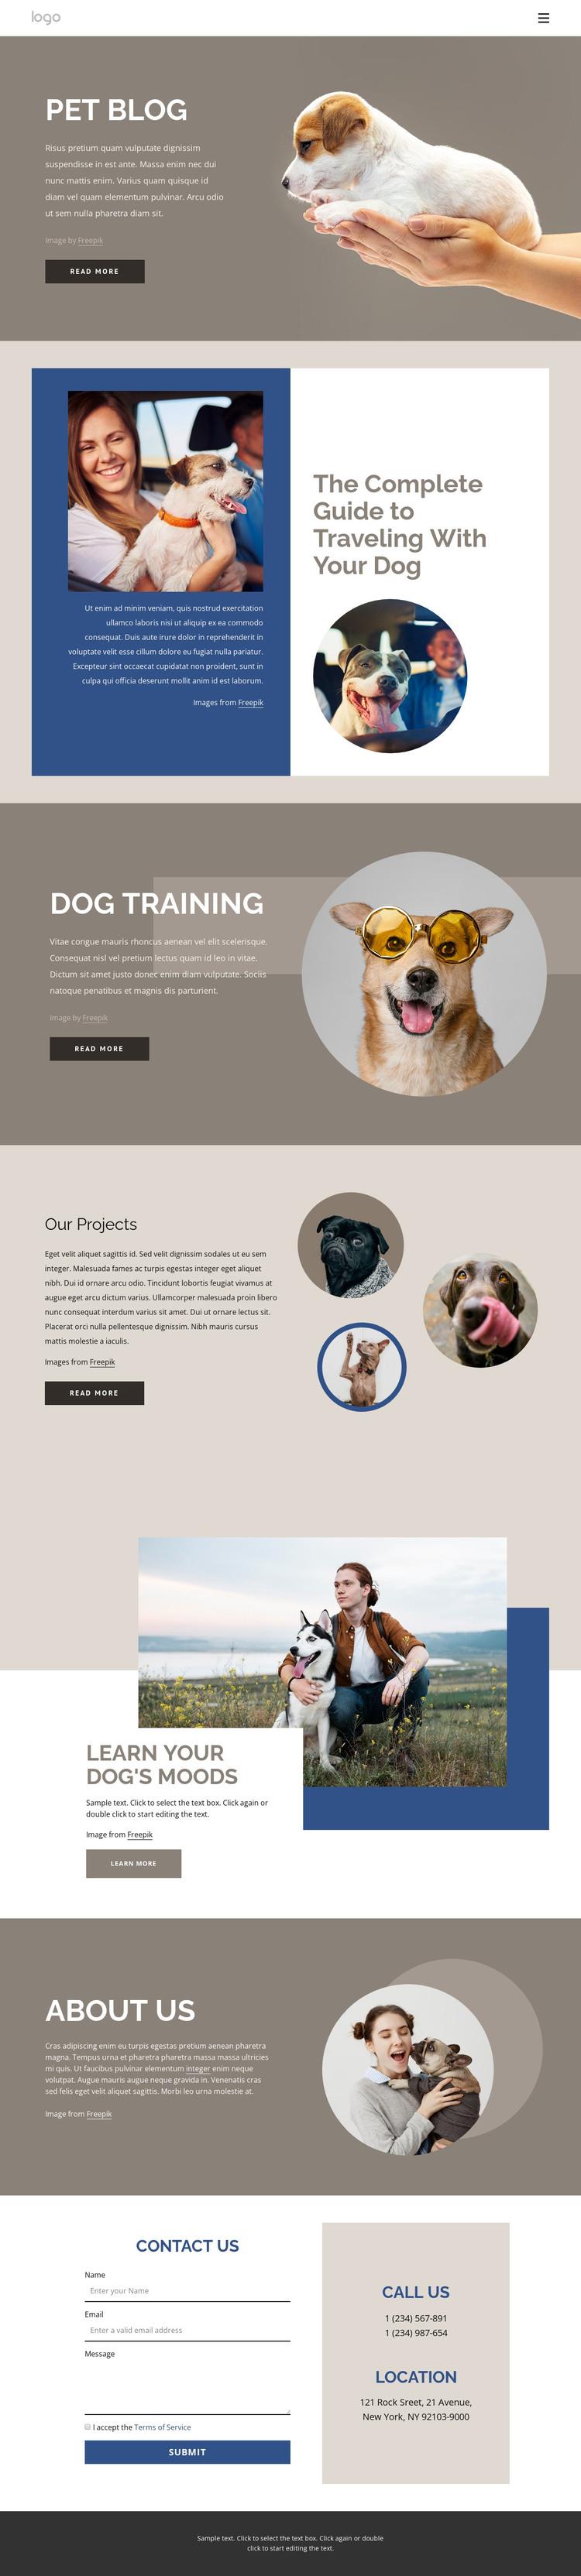 Pet Blog HTML Template